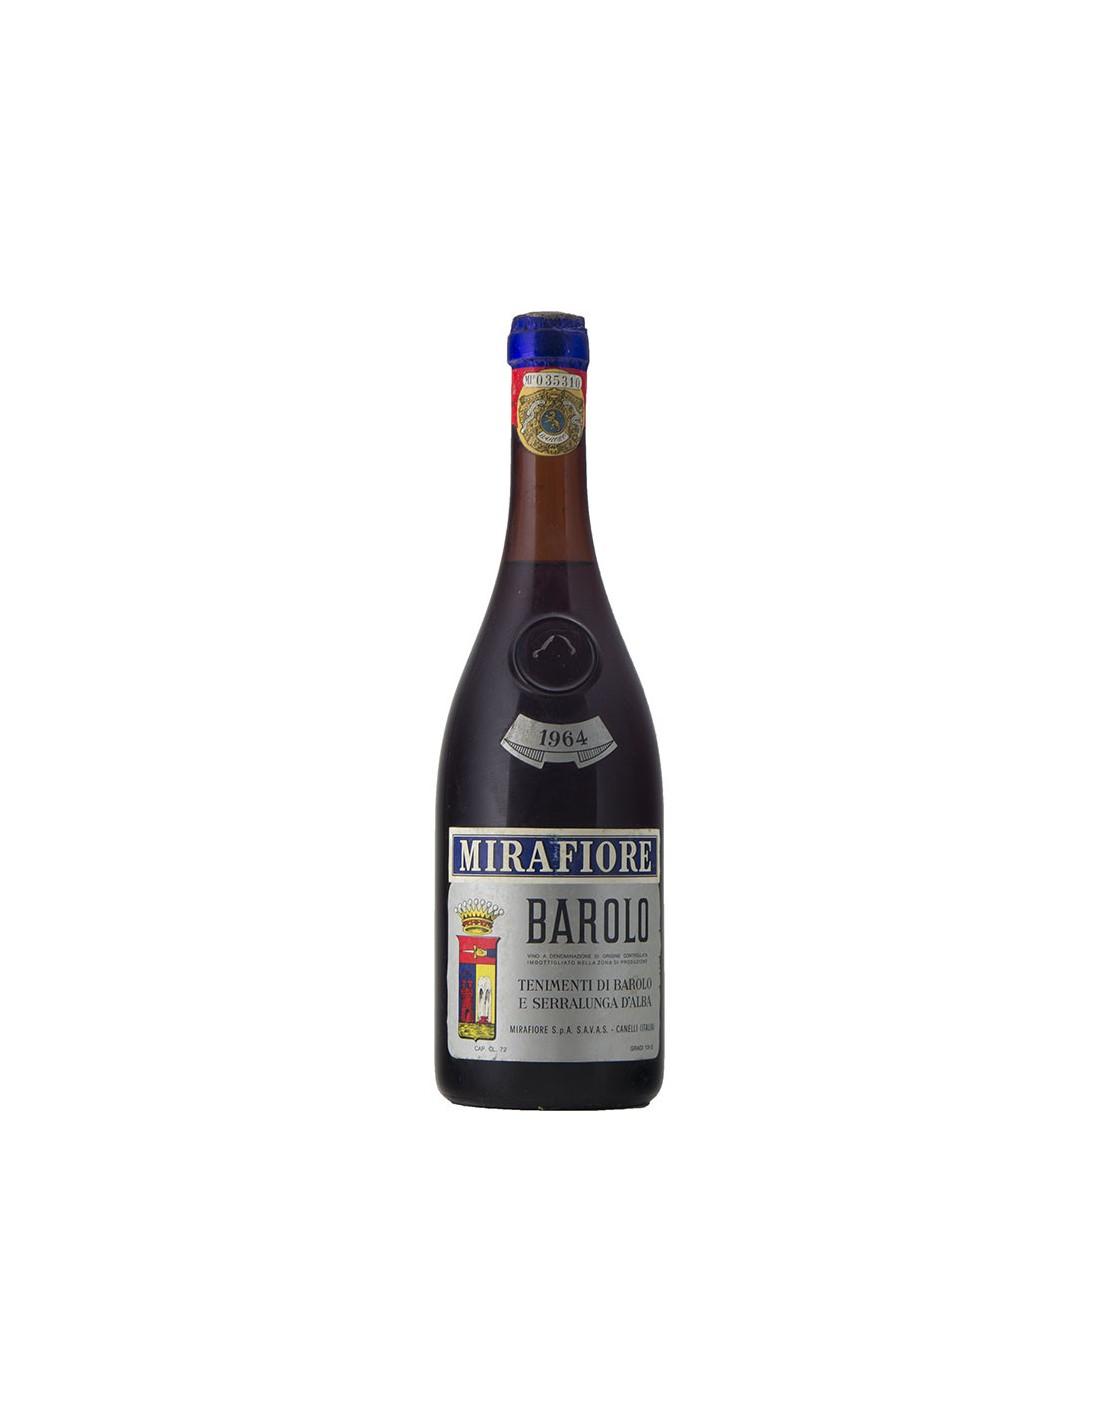 BAROLO 1964 MIRAFIORE Grandi Bottiglie